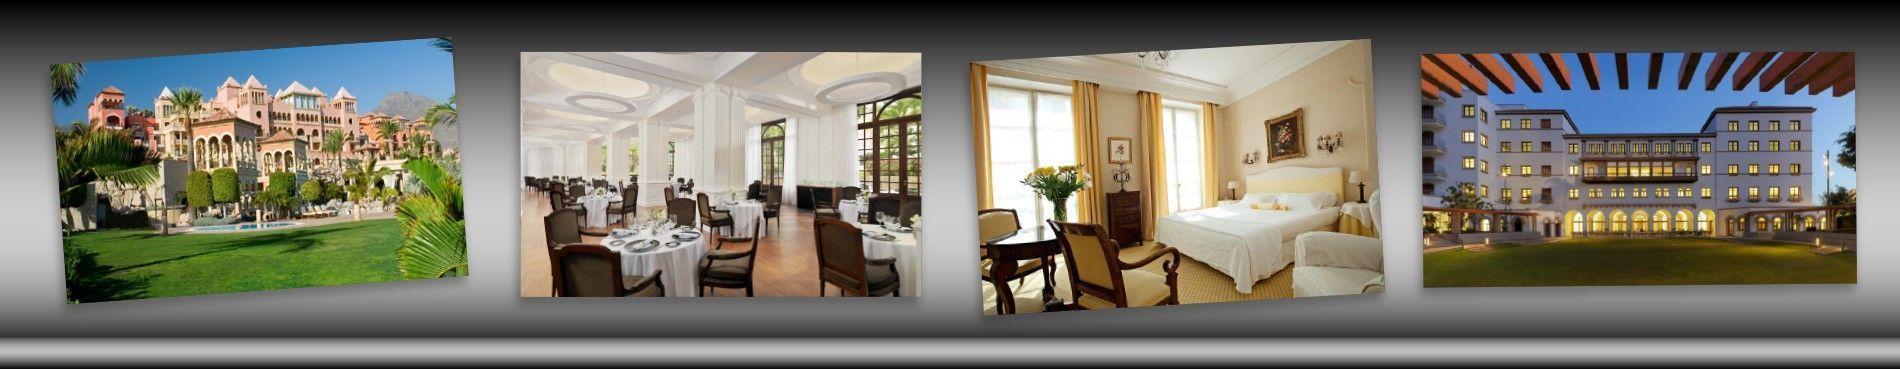 Slider_foto-interiores-6